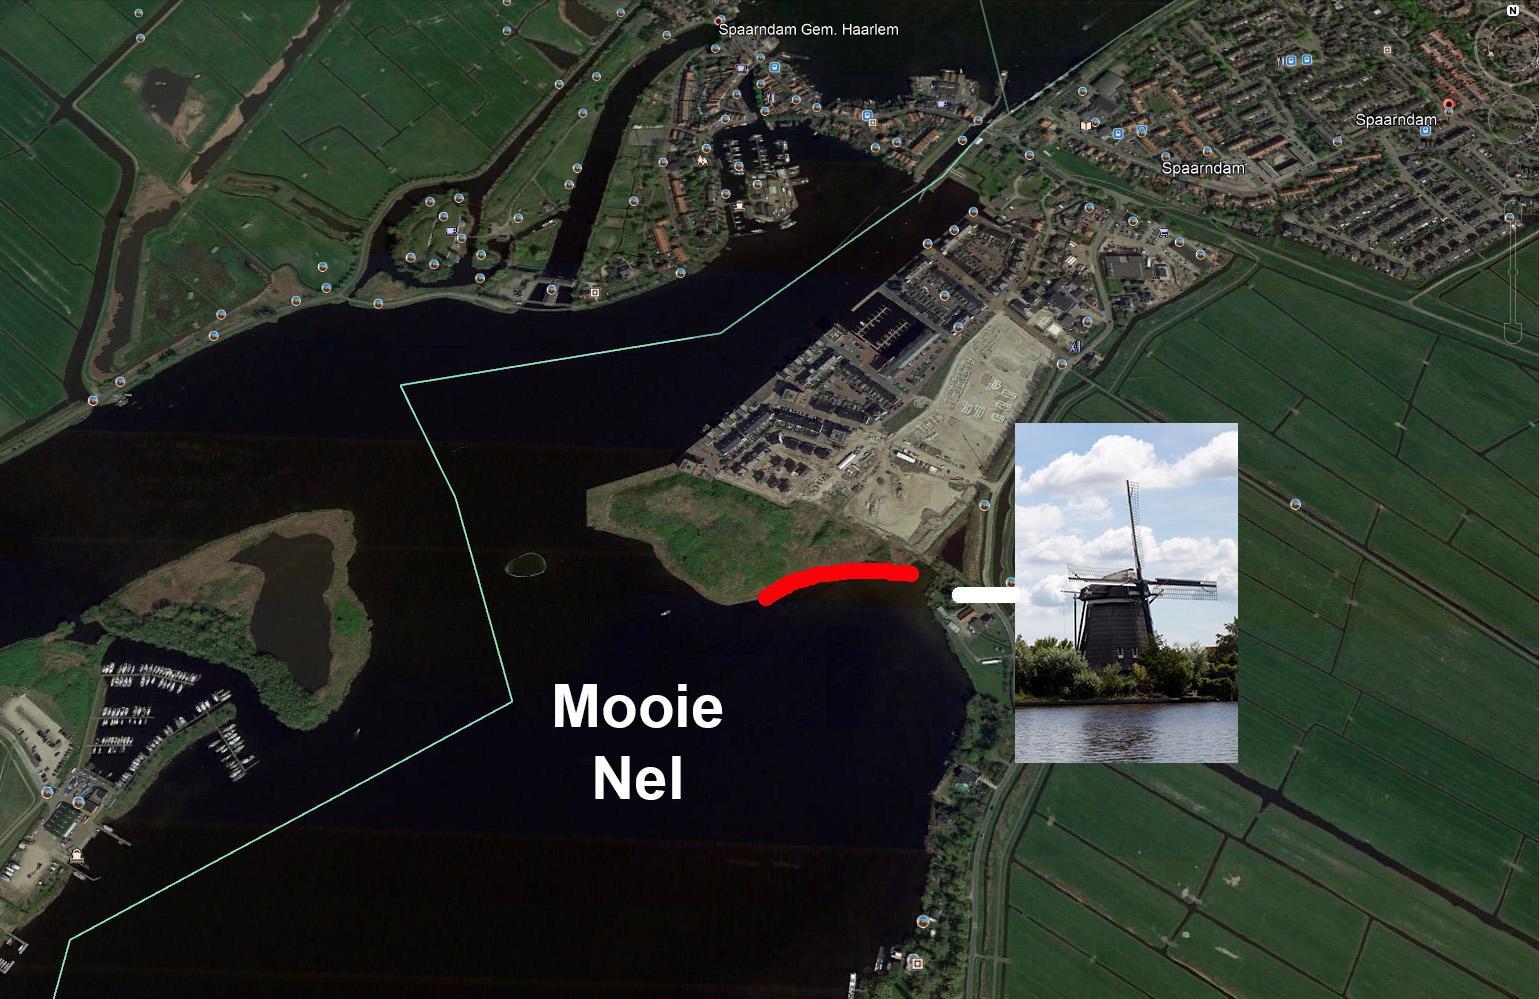 Toch waterwoningen bij molen de Slokop langs Mooie Nel Spaarndam